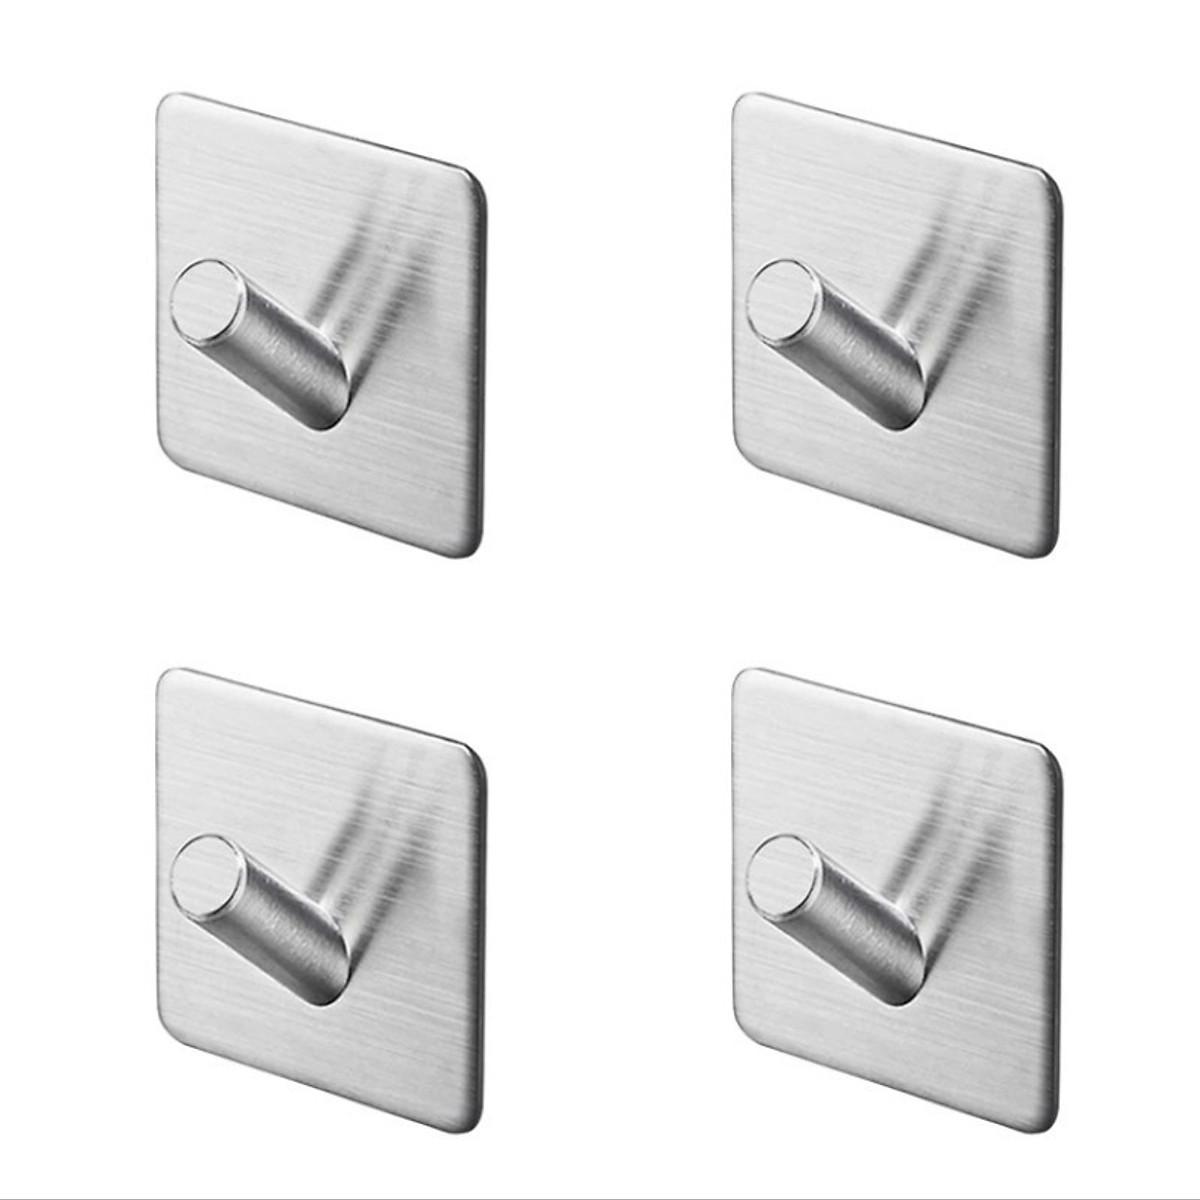 Combo 4 móc treo loại C, Inox 304, SUS304 dùng miếng dính dán tường không cần khoan, xắp xếp treo đồ đạc gọn gàng, tiết kiệm không gian, đồ dùng gia đình, Dan House 311-C4